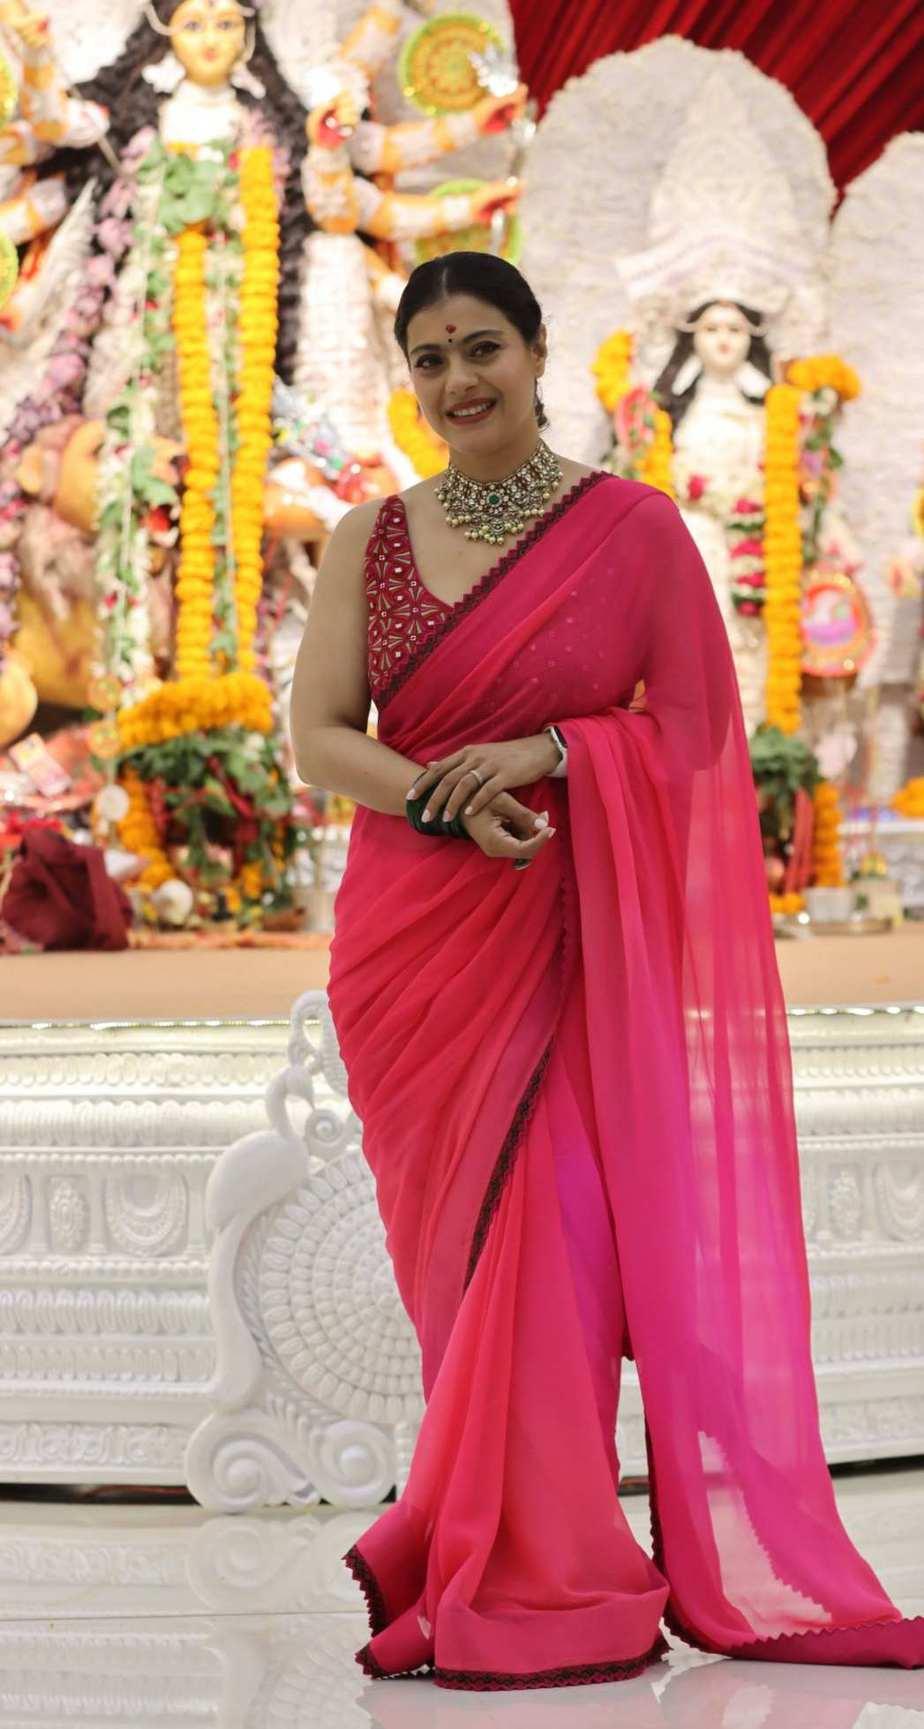 Kajol in pink saree by Punit balana for durga puja day1-4